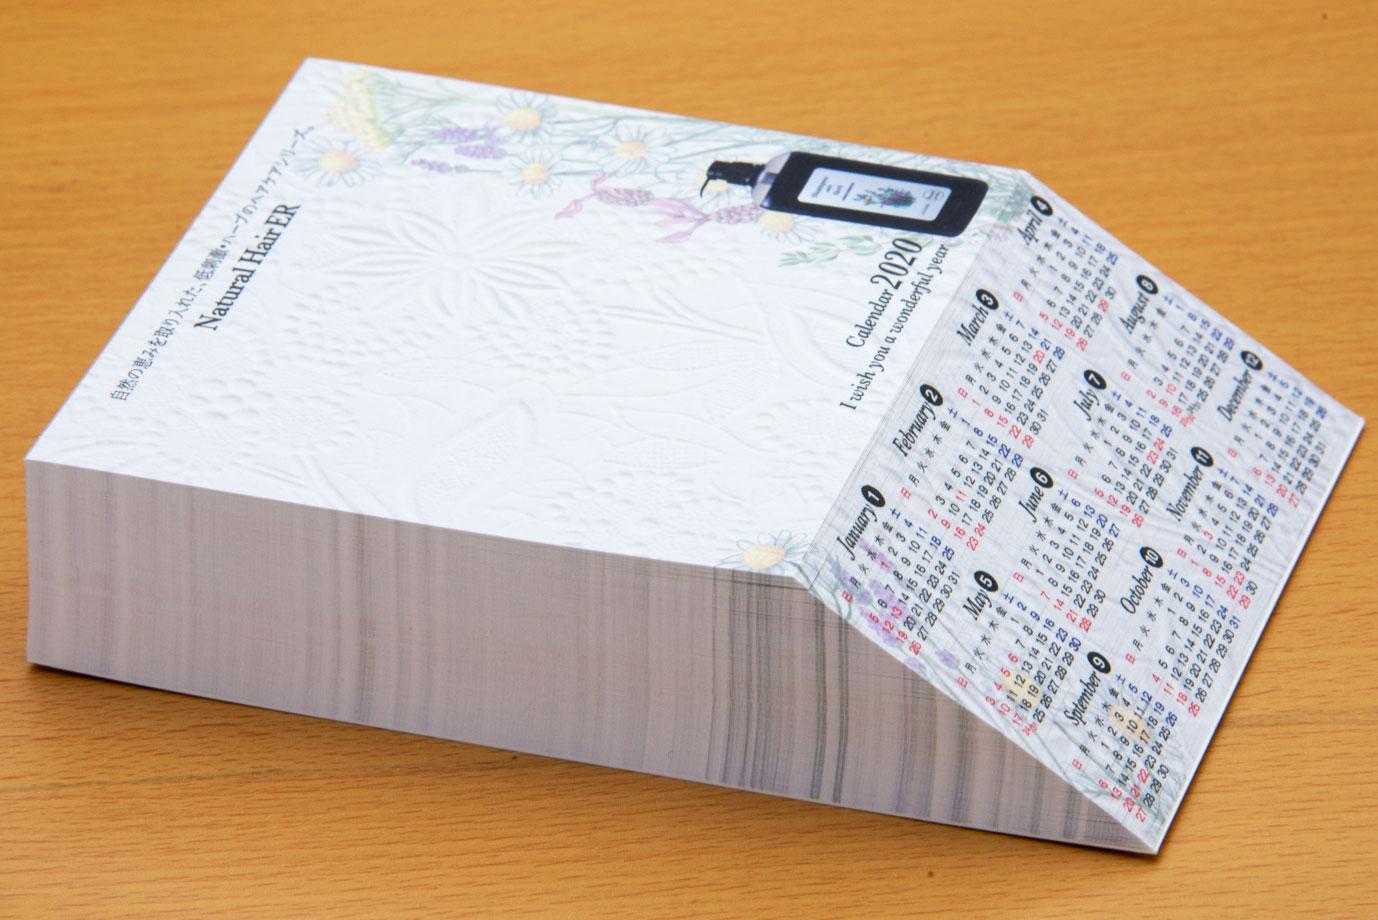 株式会社 グレース様 /株式会社 夢幻舎二社合同制作《カットメモカレンダー》 300枚綴り 大ボリューム